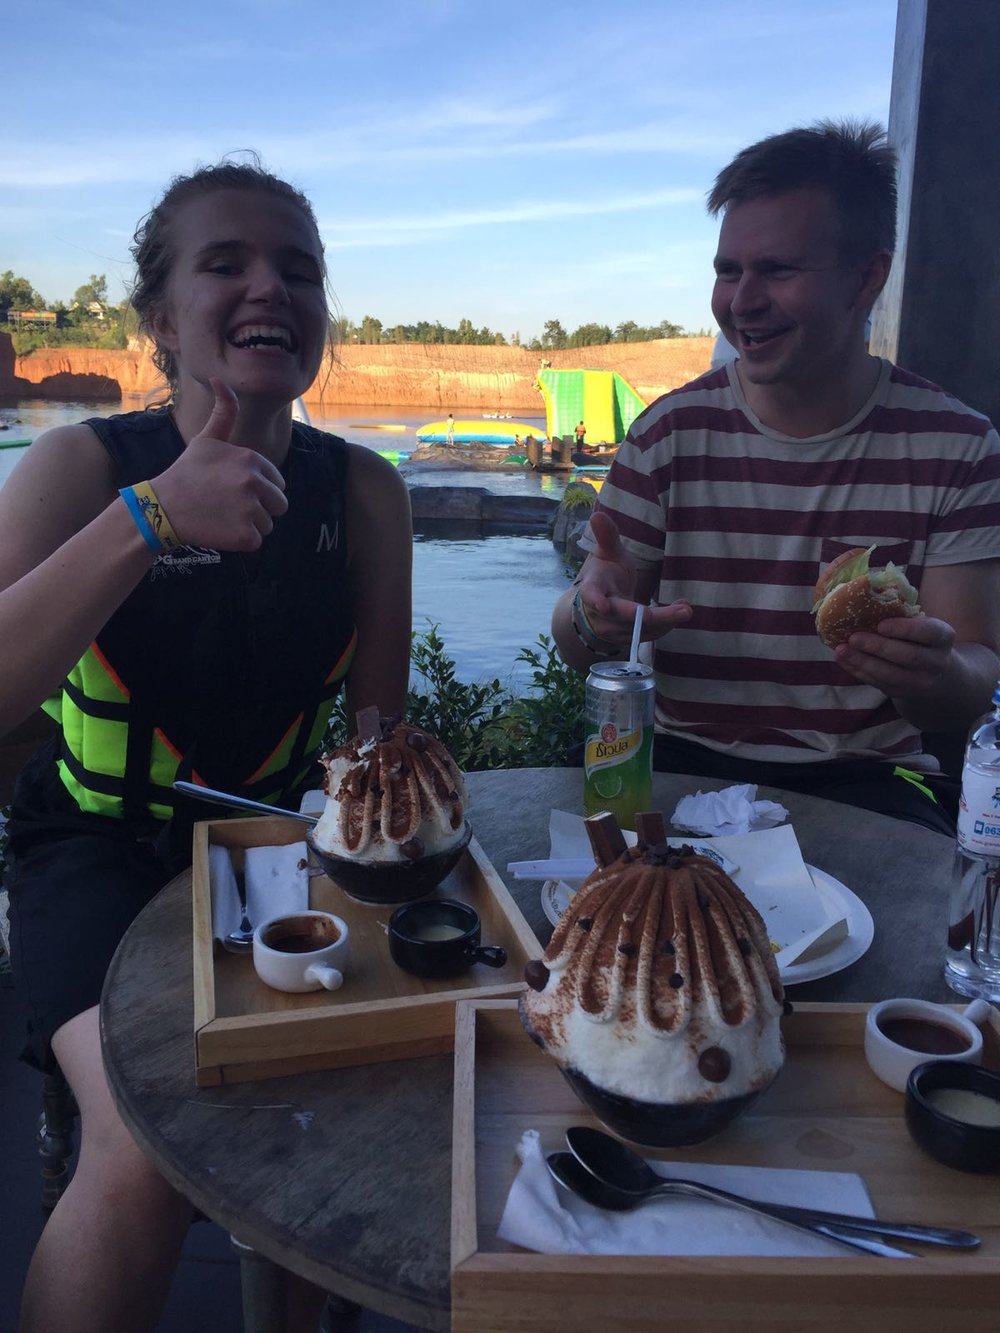 Monet meistä nauttivat myös semihermeettisistä jäätelöannoksista.. mutta täytyy kyllä todeta, että prameasta ulkomuodostaan huolimatta suomalaiselle jäätelölle ei tämäkään vetänyt vertoja.